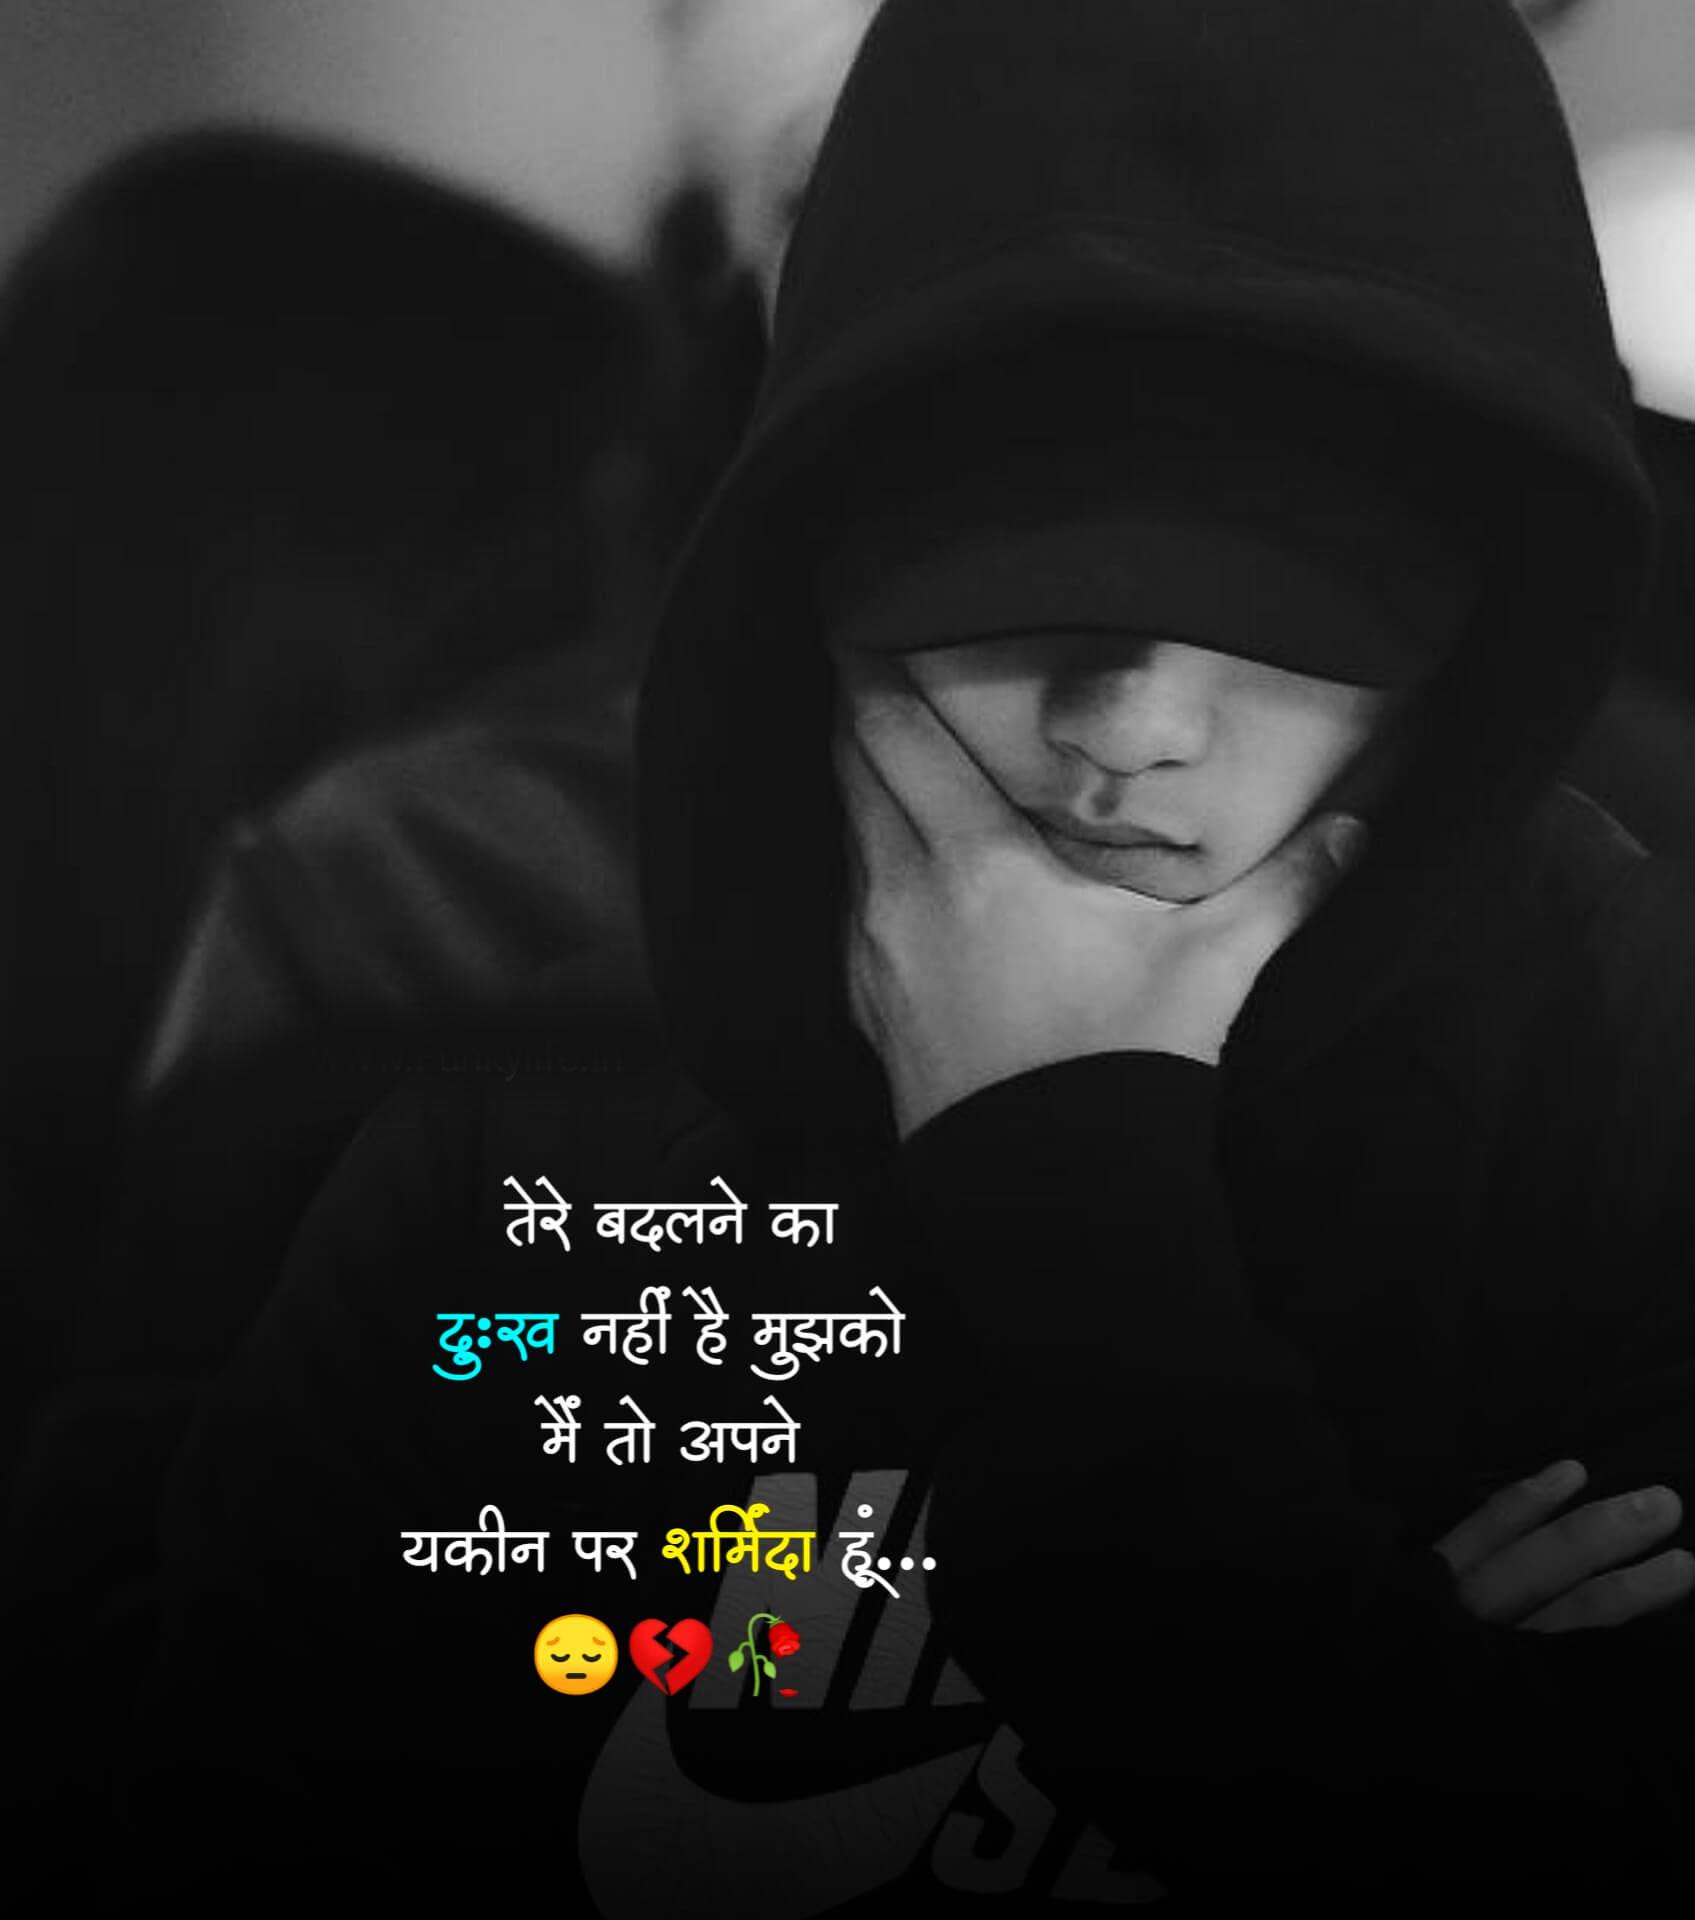 New Sad Boy Shayari Images wallpaper free download